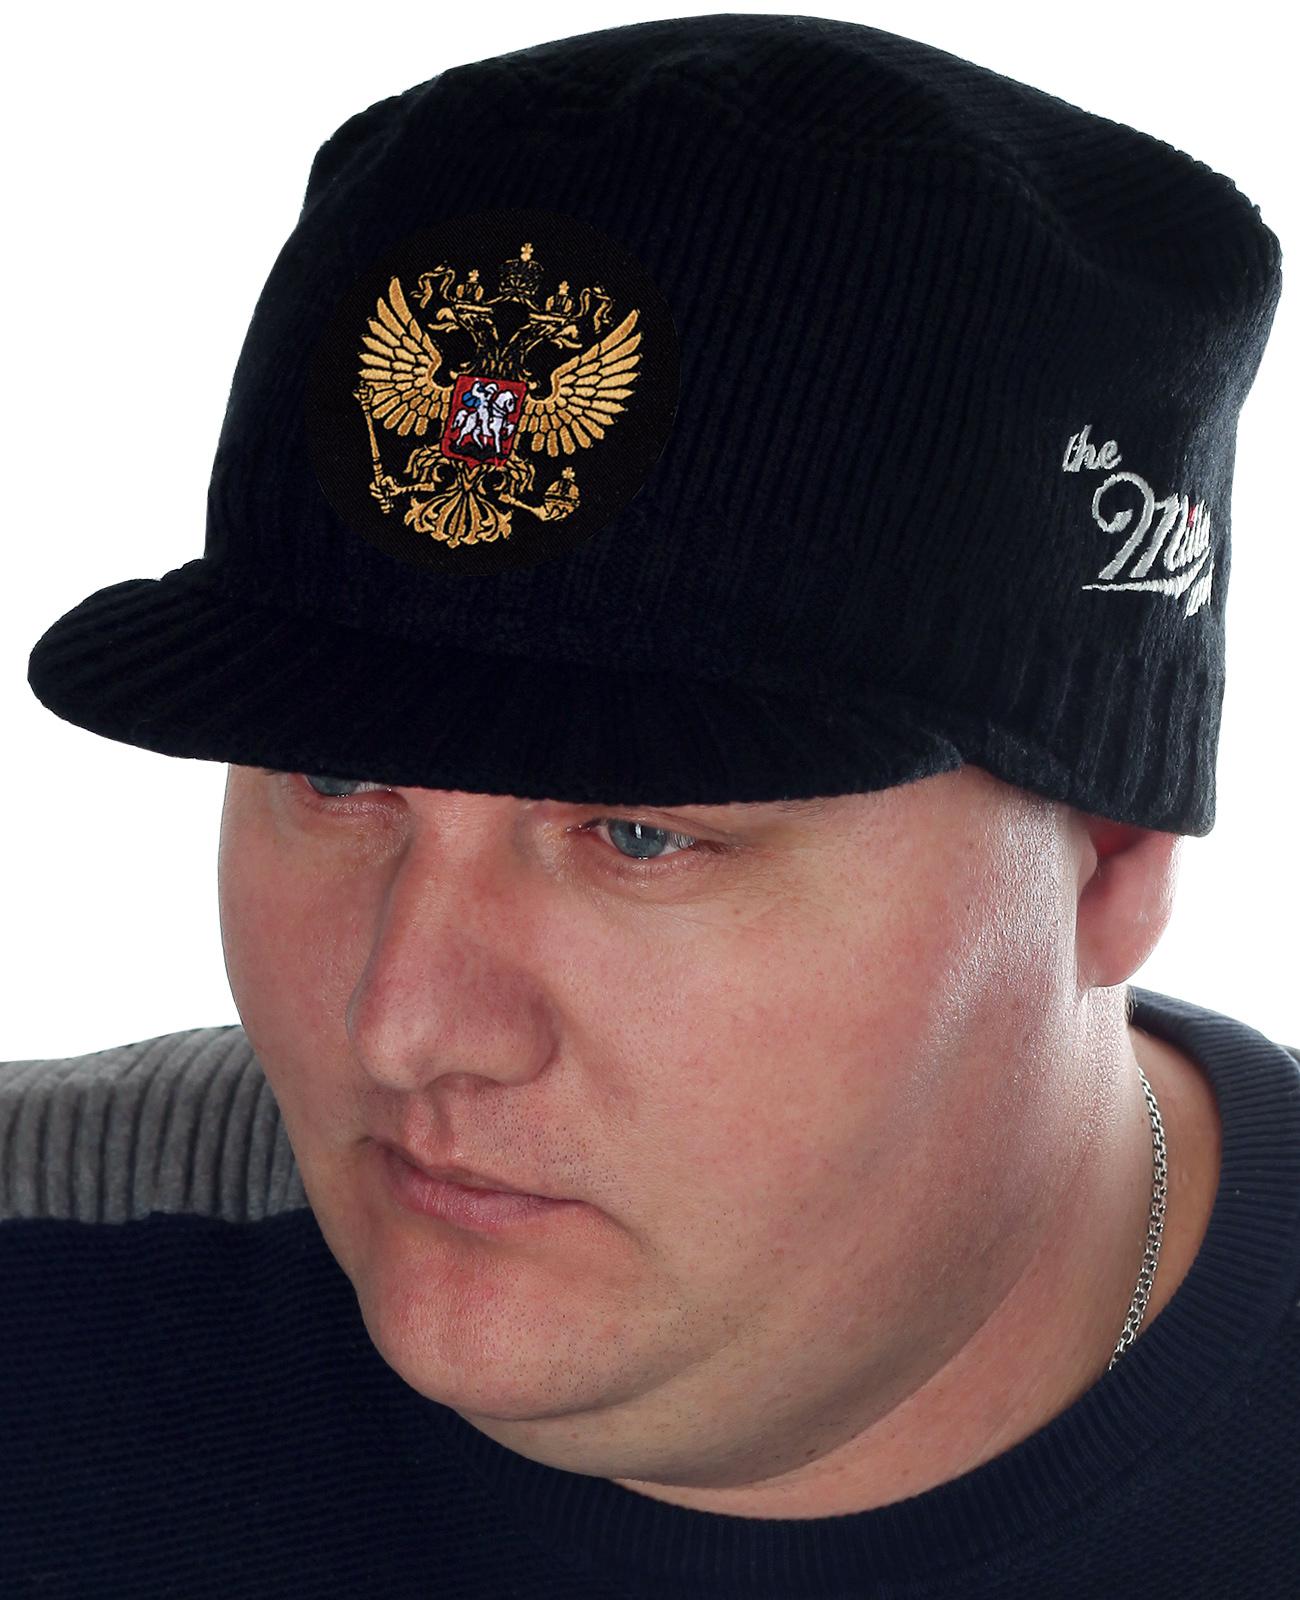 Патриотическая вязаная кепка Miller Way с золотистым Двуглавым орлом – гербом России. Размер 59-62 подходит большинству мужчин-покупателей. Шапка уже в Москве, отправим хоть завтра!